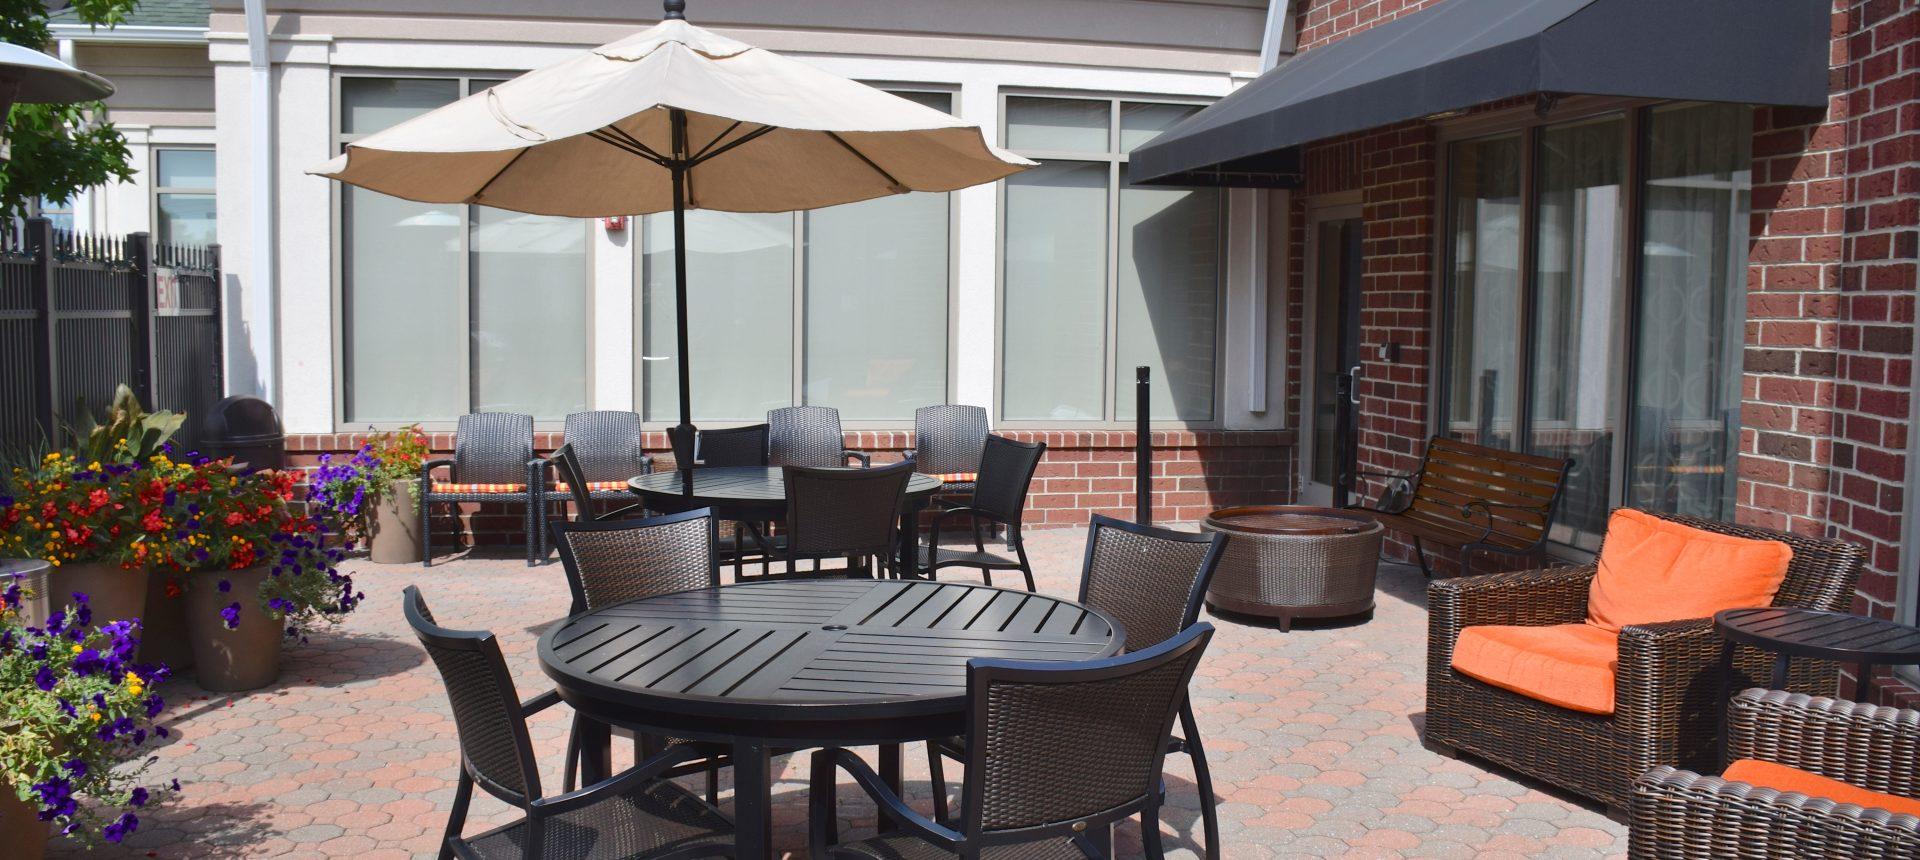 Hilton Garden Inn Beavercreek Oh Middletown Hotel Management Dayton Ohio